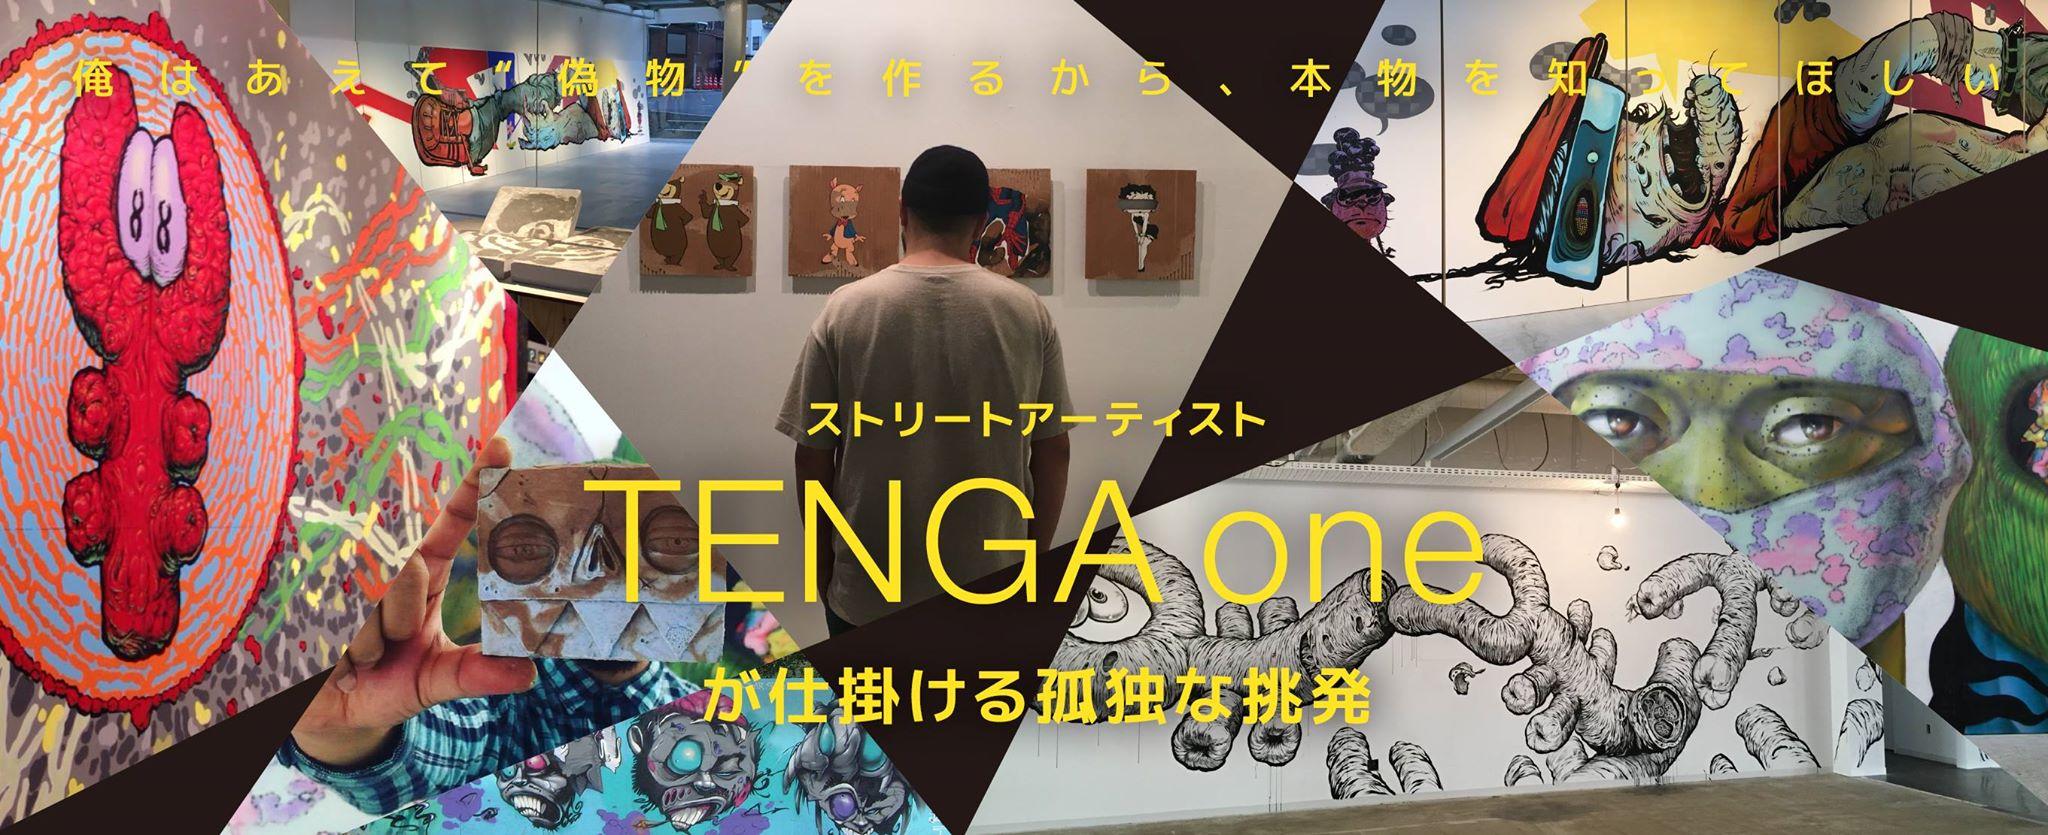 """俺はあえて """"偽物"""" を作るから、本物を知ってほしい – ストリートアーティスト、TENGA one"""